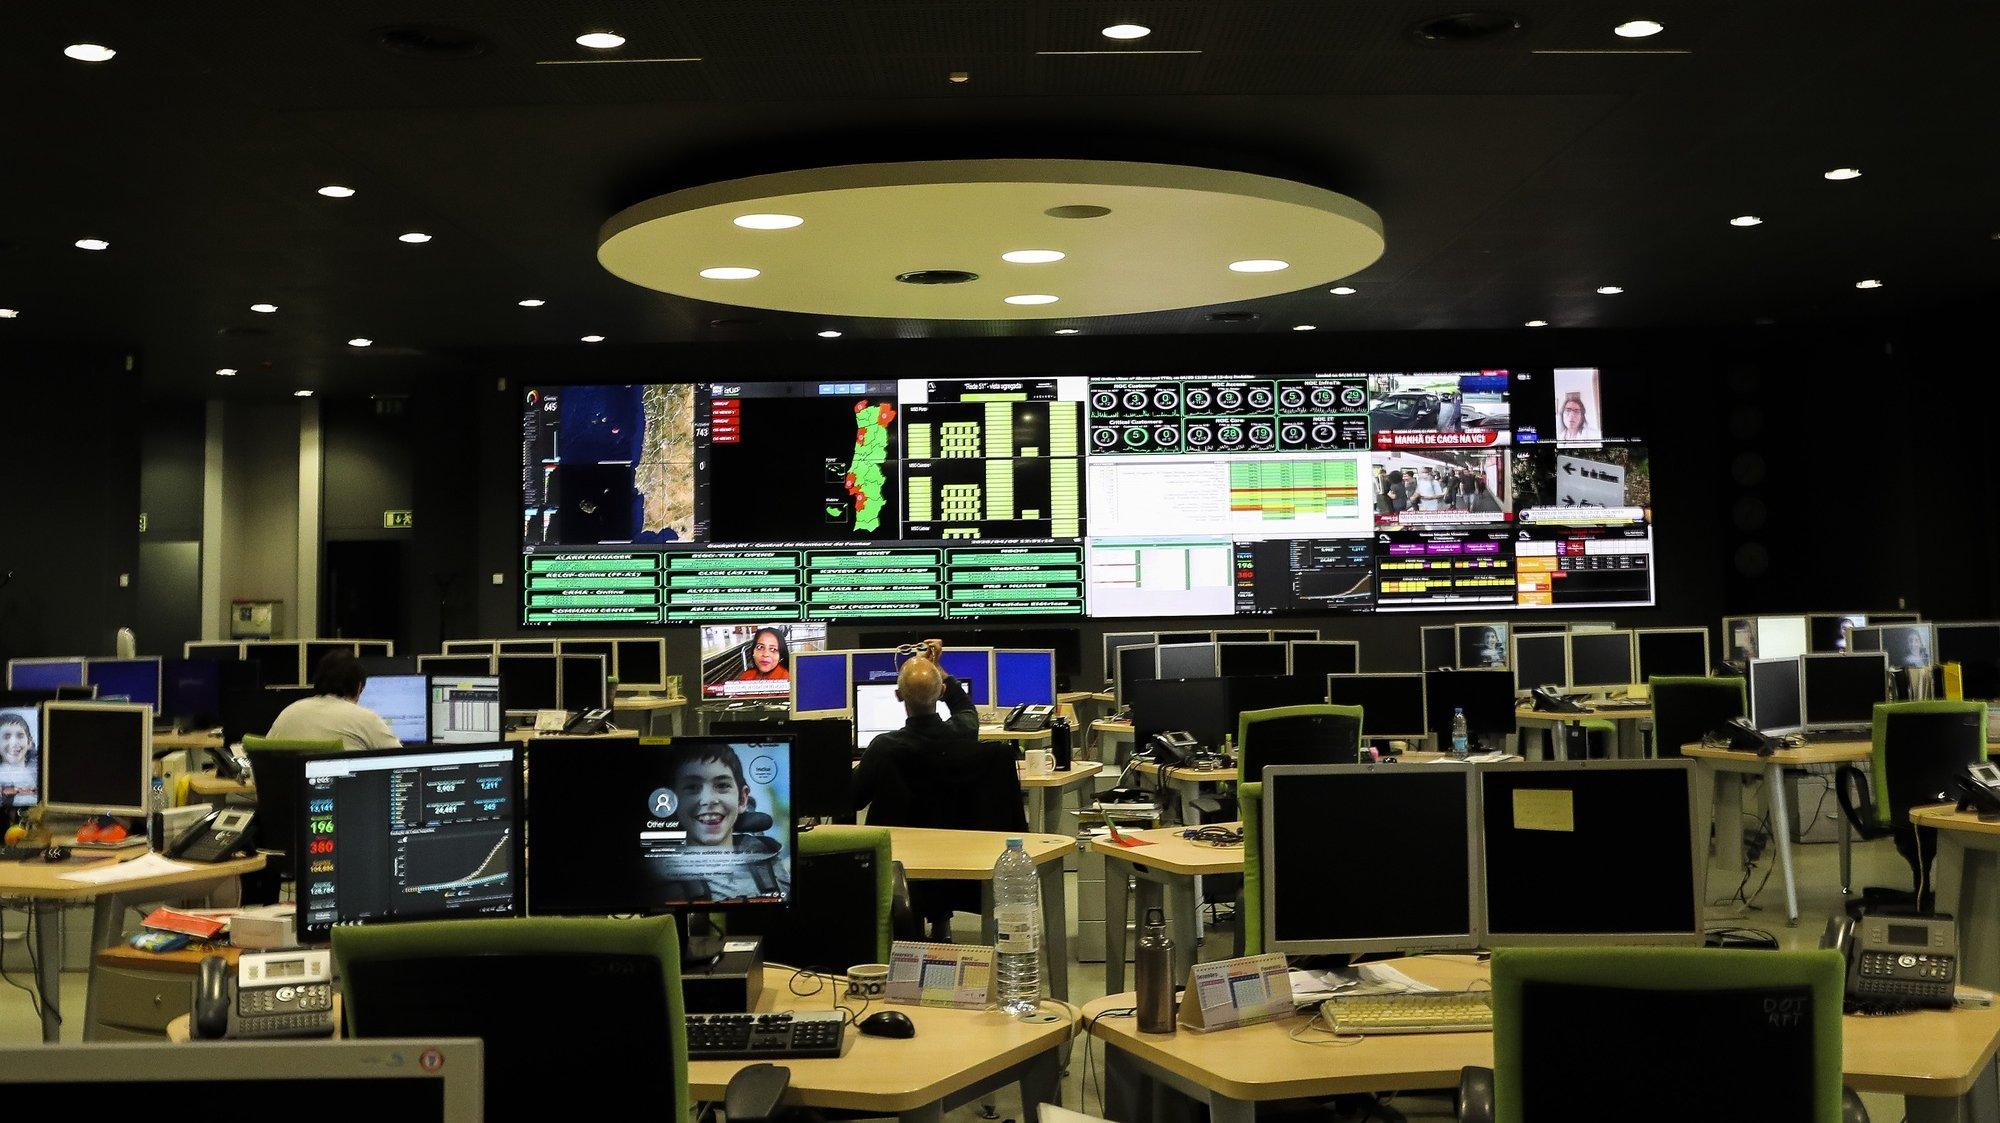 Sala do Global Operation Center da Altice em Picoas, Lisboa, 9 de abril de 2020. A Altice tem mais dois polos, na Covilhã e em Linda-a-Velha, mas o de Lisboa é o centro principal onde fazem a operação, manutenção e a gestão da rede nacional de telecomunicações da Altice Portugal. (ACOMPANHA TEXTO DO DIA 11 DE ABRIL DE 2020). JOÃO RELVAS/LUSA